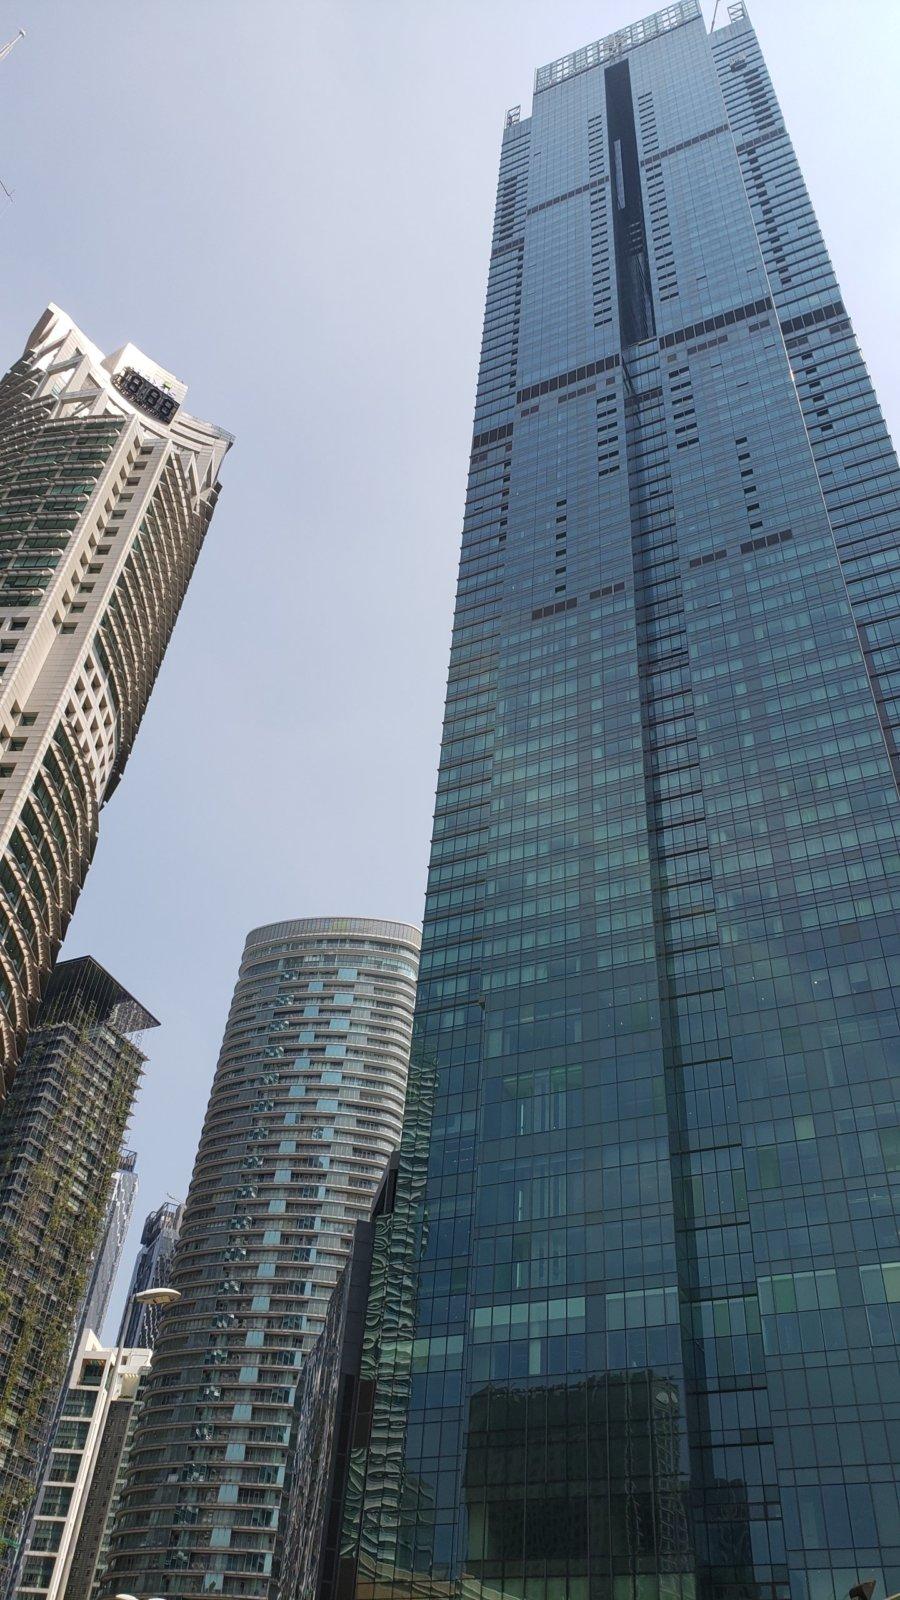 マレーシアのタワー